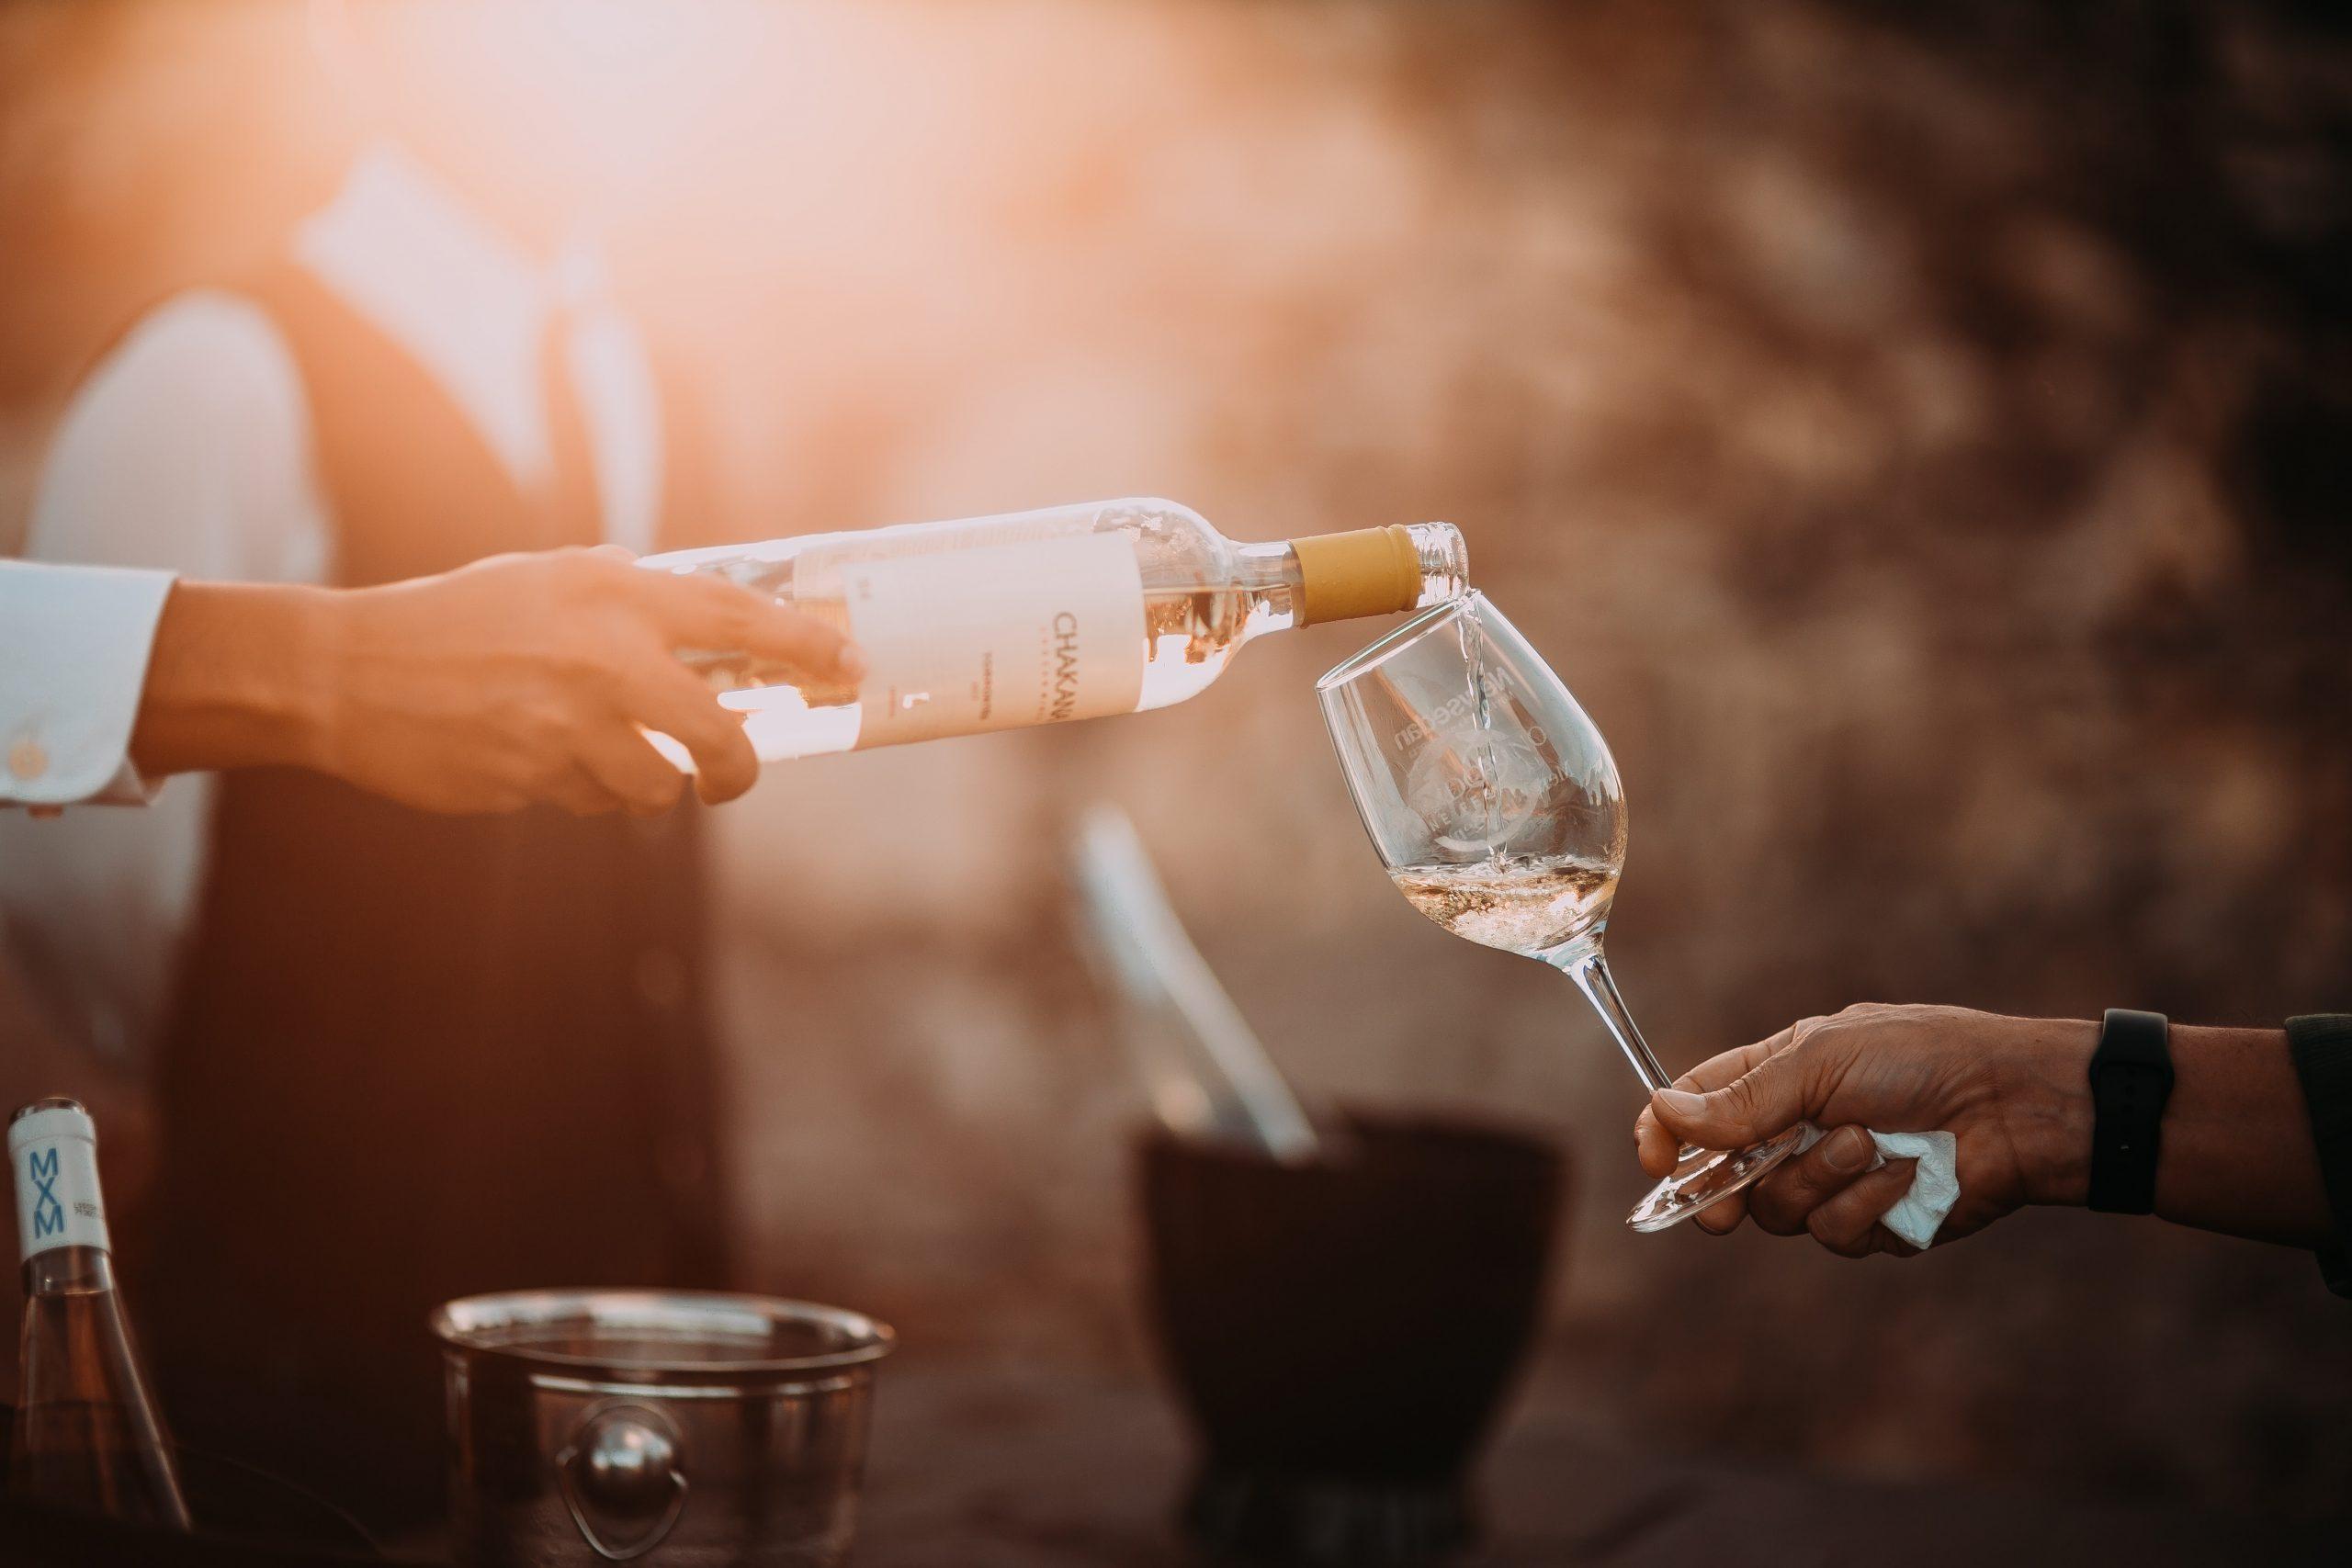 En la imagen, una pareja se sirve una copa de vino. /Foto: Unsplash